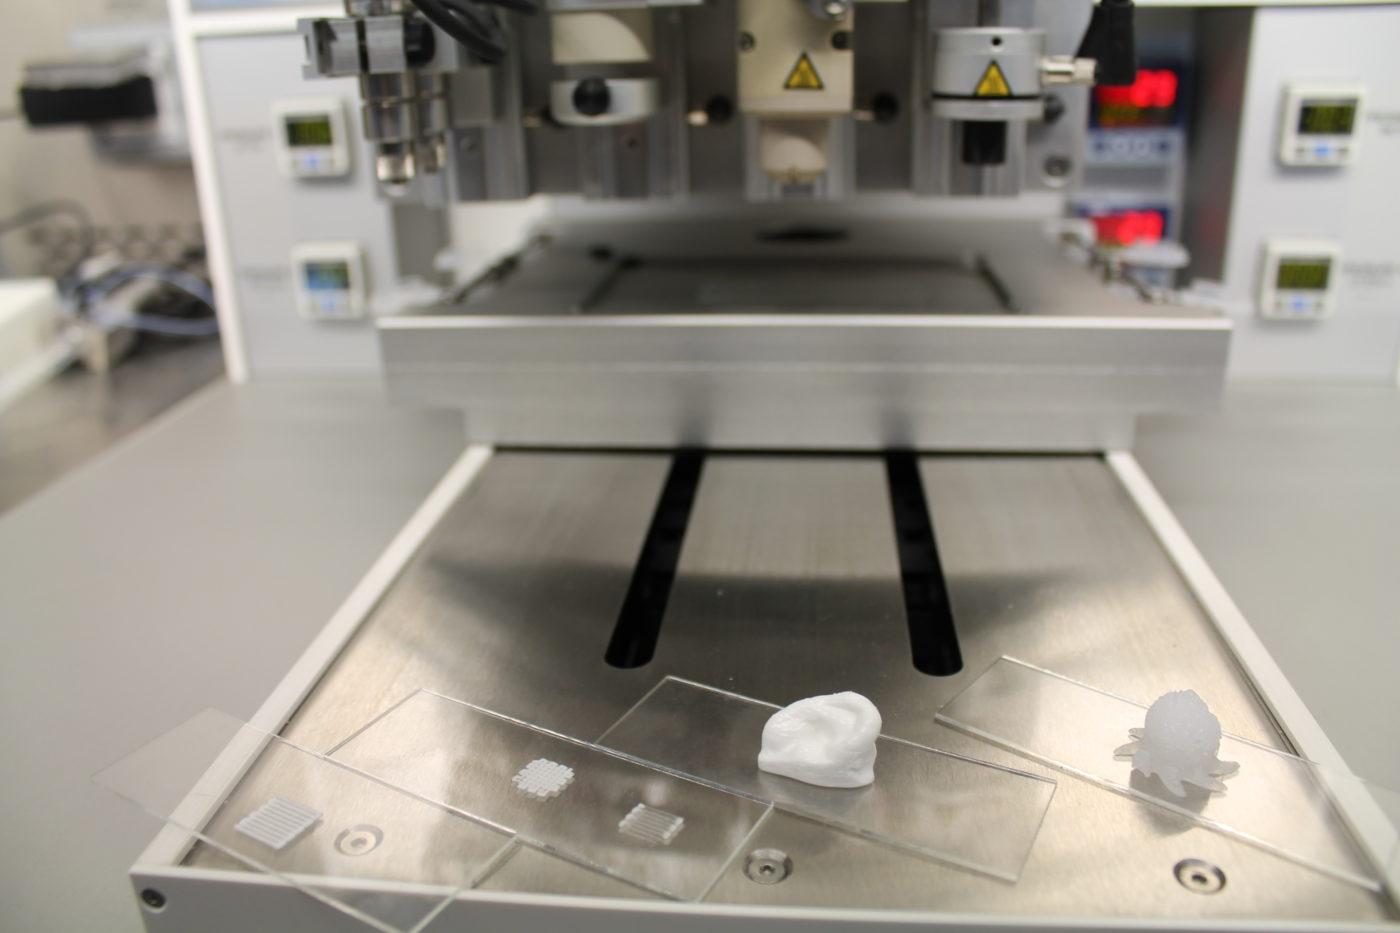 Primele teste si obiecte printate cu ajutorul bioprinter-ului